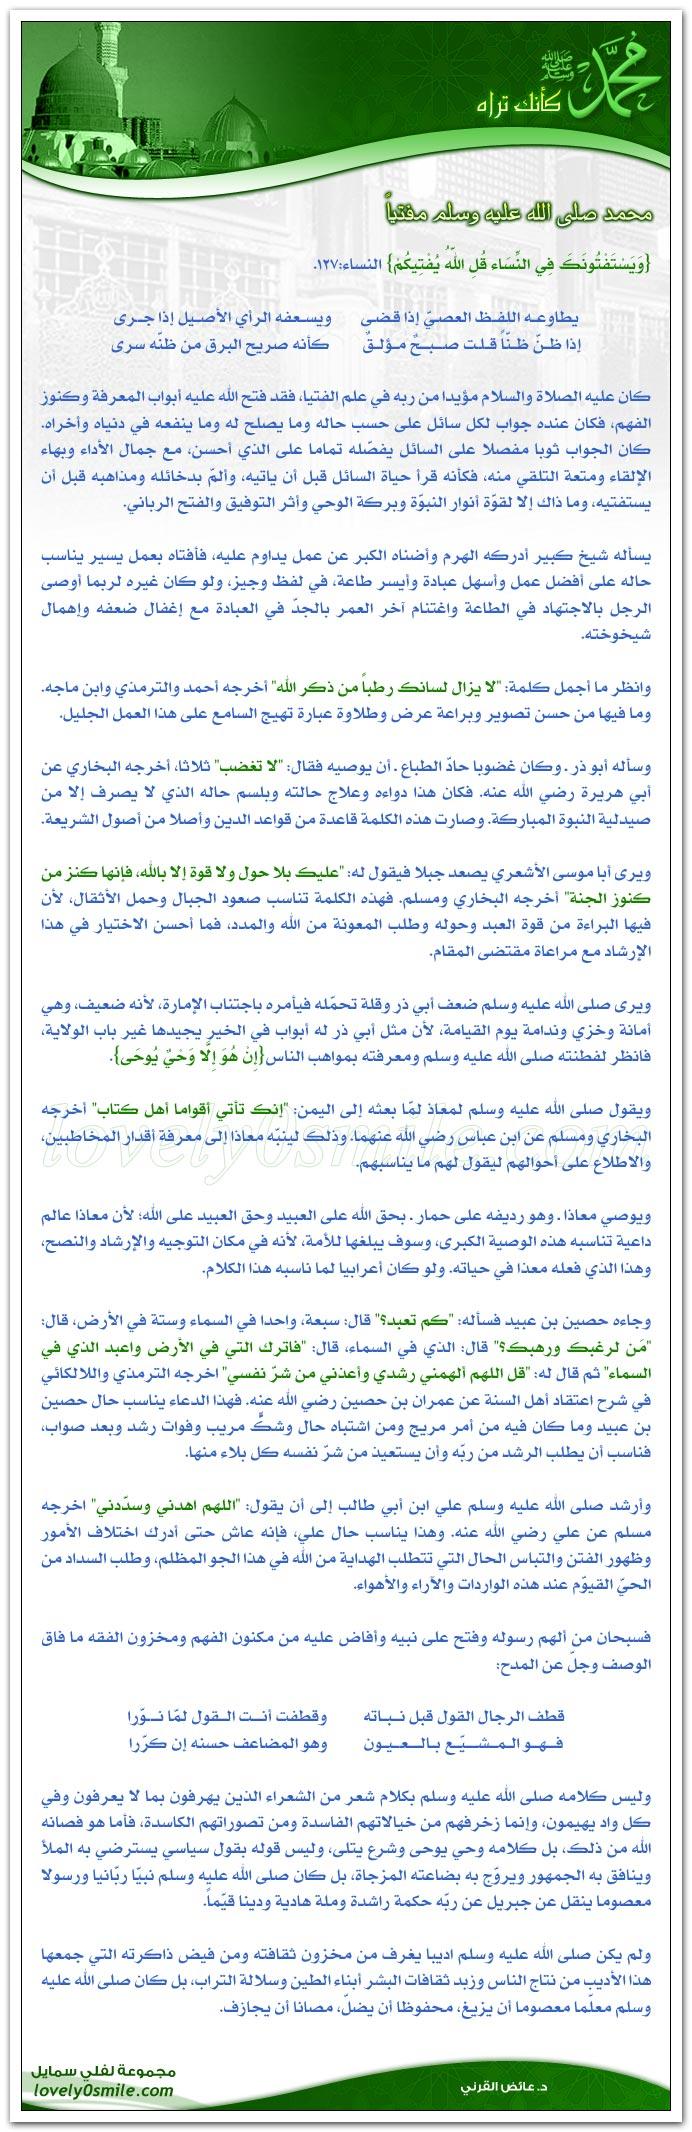 محمد صلى الله عليه وسلم مفتياً